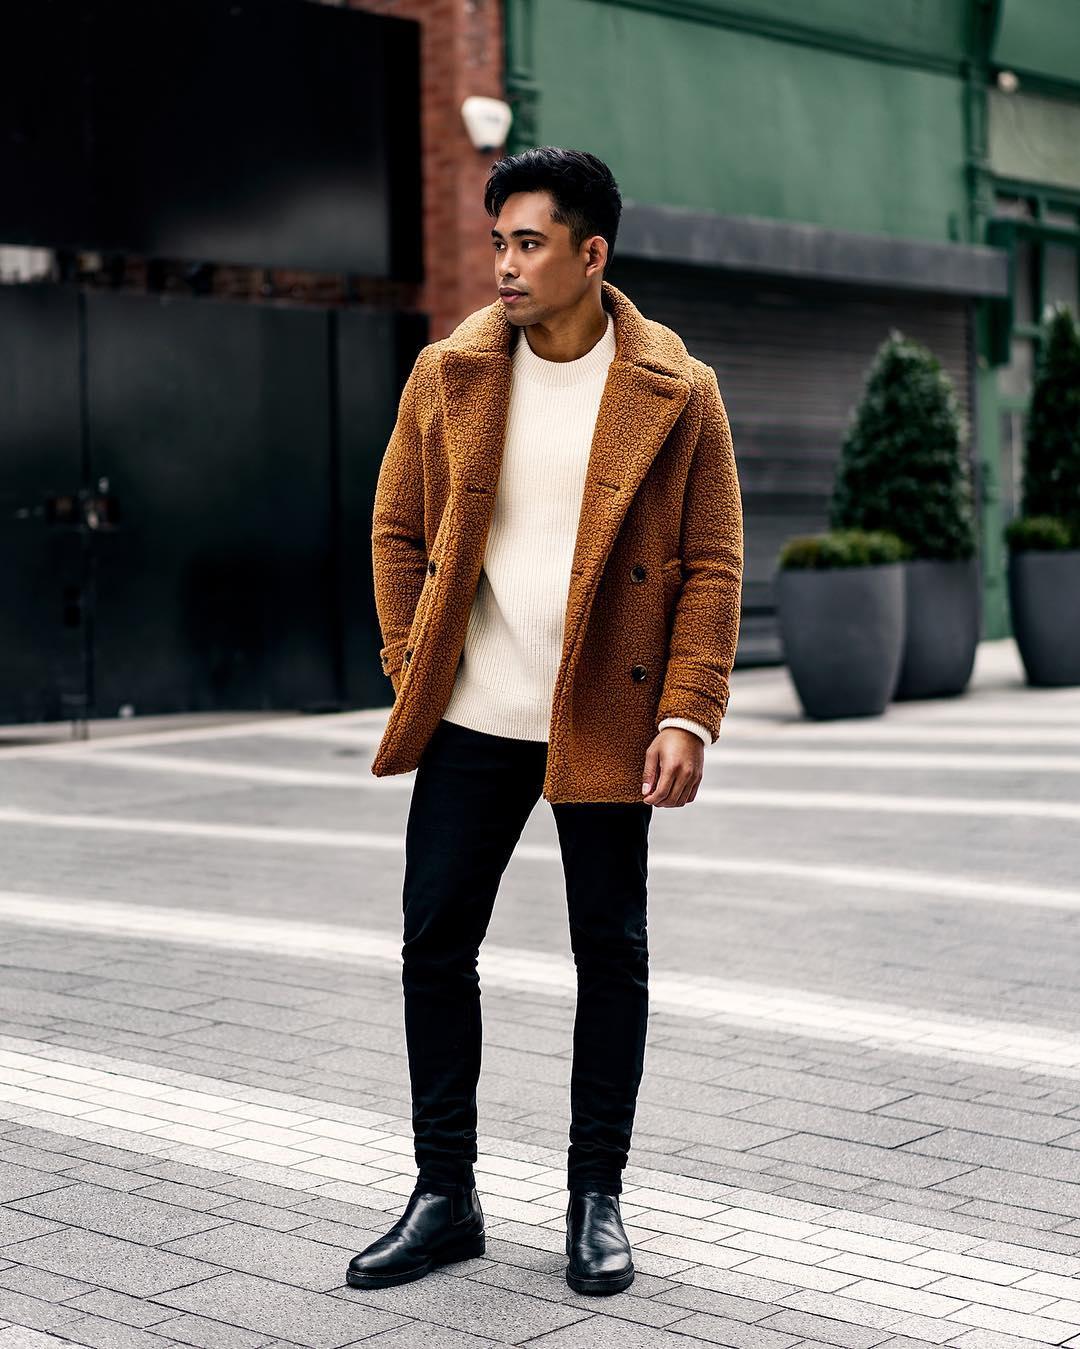 kledingtrends 2019 mannen MAN MAN